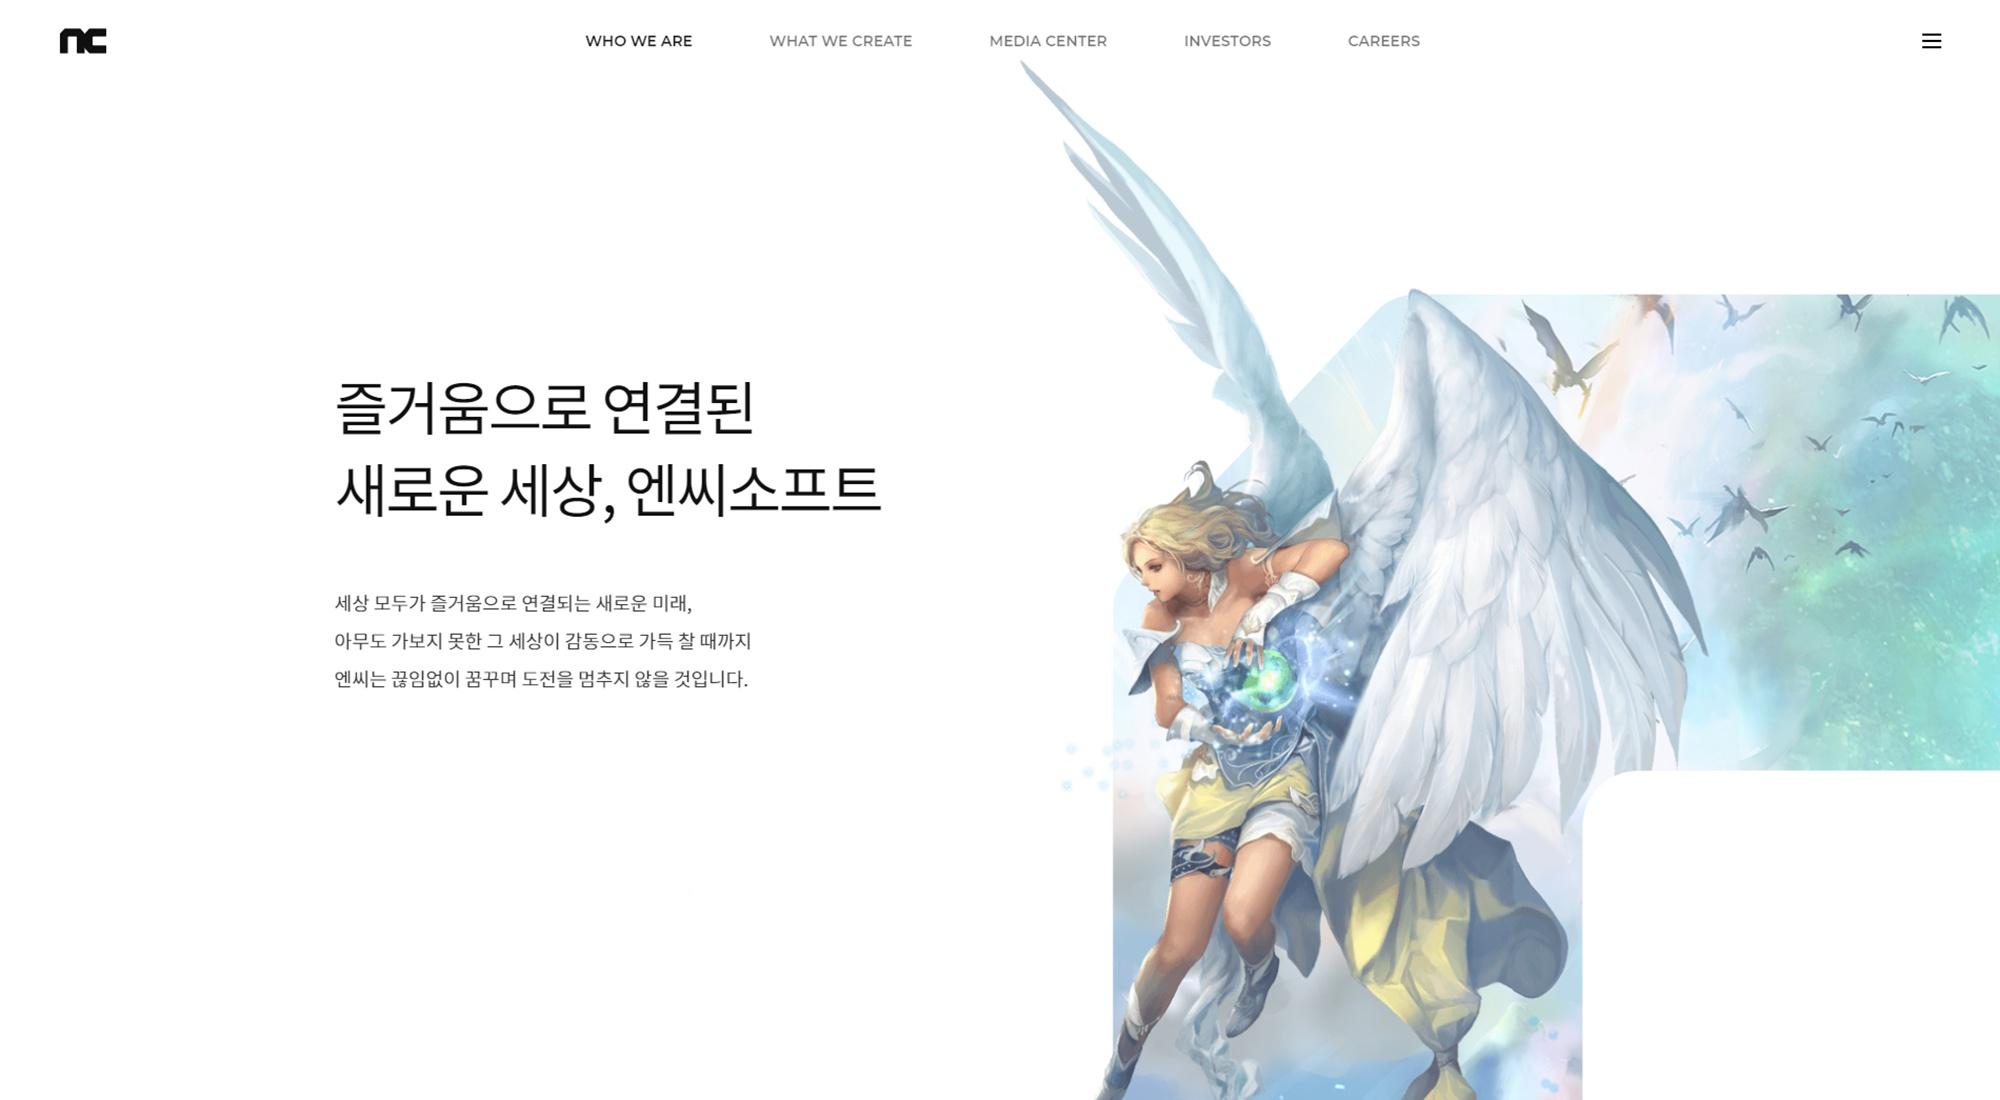 공식 홈페이지 리뉴얼 오픈